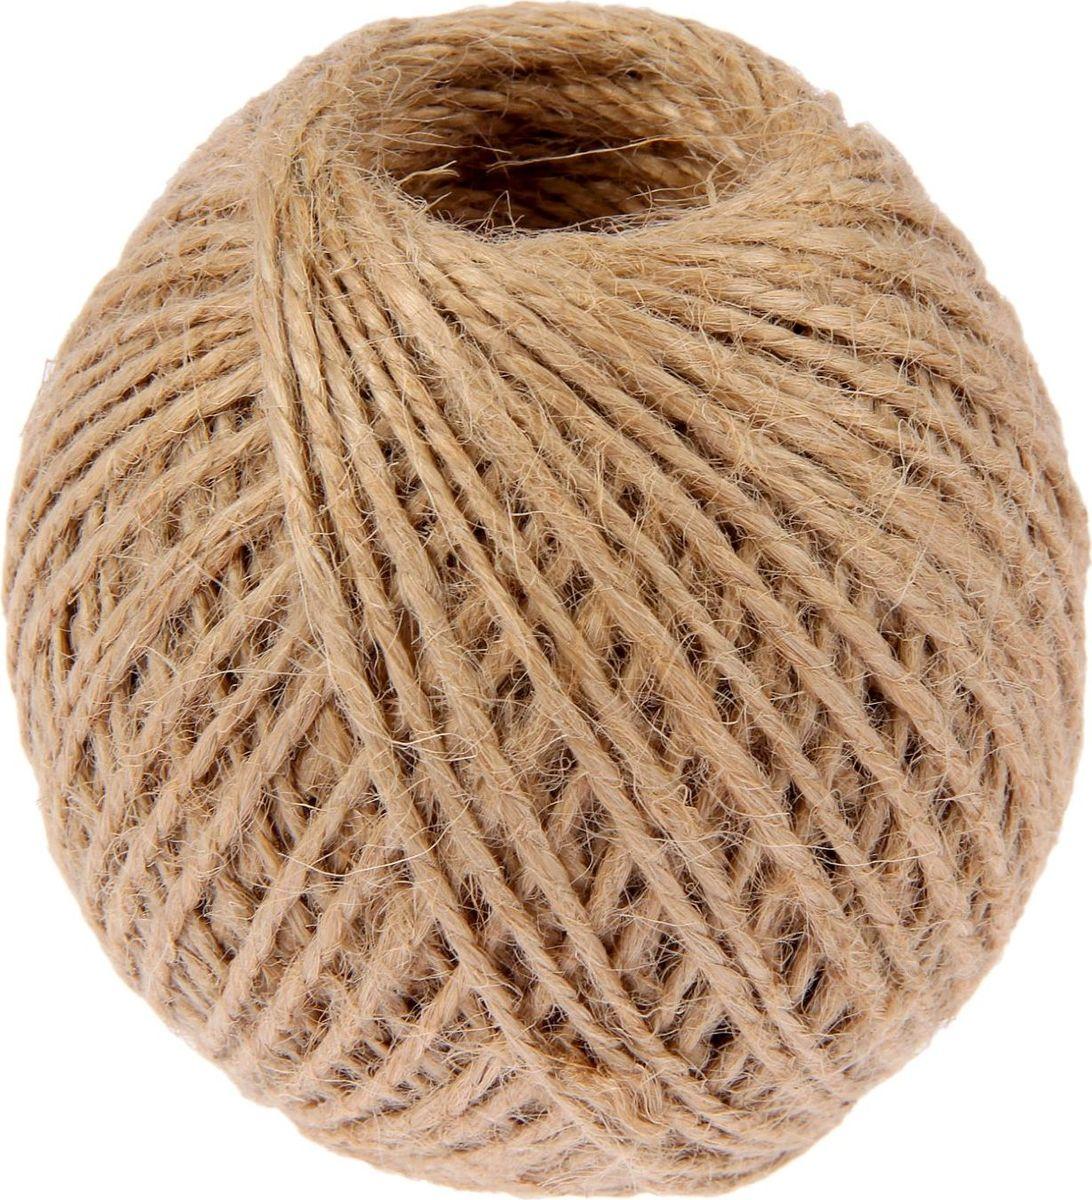 Шпагат джутовый, скрученный, цвет: натуральный, 1,5 мм, 100 м2259306Шпагат представляет собой изделие, которое используется для бытовых и технологических нужд в различных отраслях производства. В хозяйстве его используют для сушки белья, вместо верёвки, для упаковки вещей, при хранении овощей. Материал: джут. Длина: 100 м. Вес: 100 г. Диаметр: 1,5 мм.